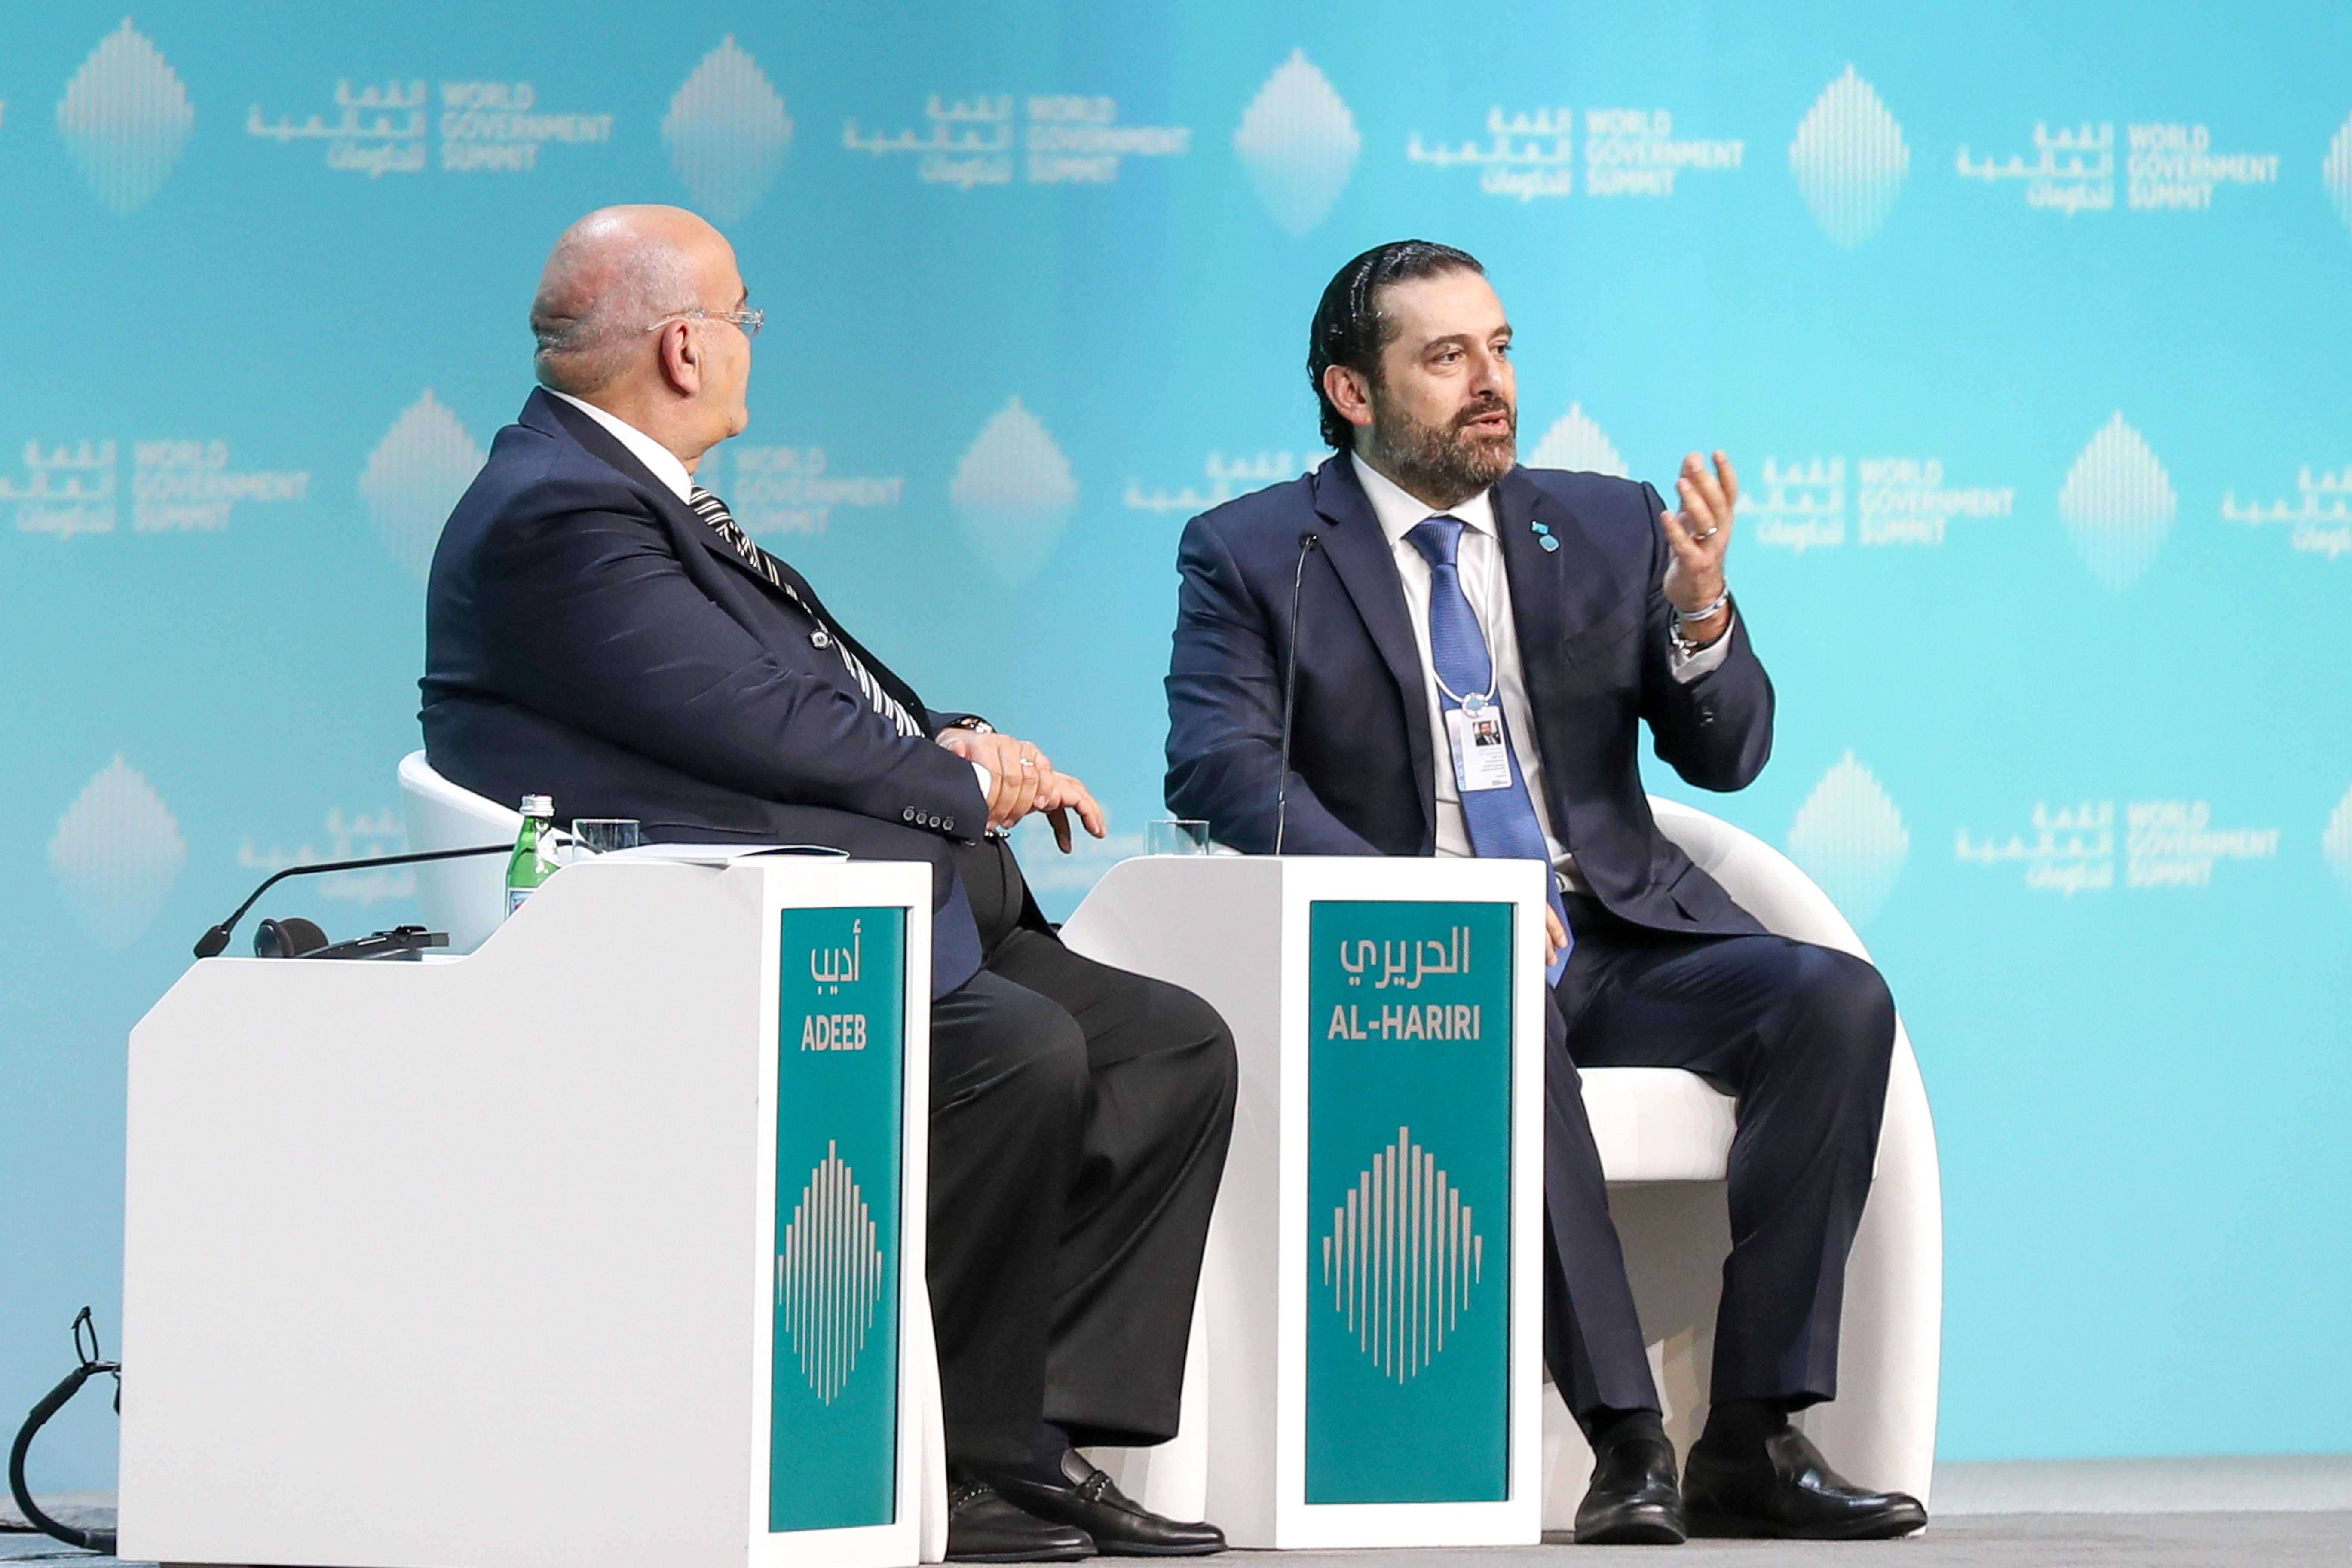 His Highness Sheikh Mohammed bin Rashid Al Maktoum - VP attends WGS's plenary session hosting Lebanese PM